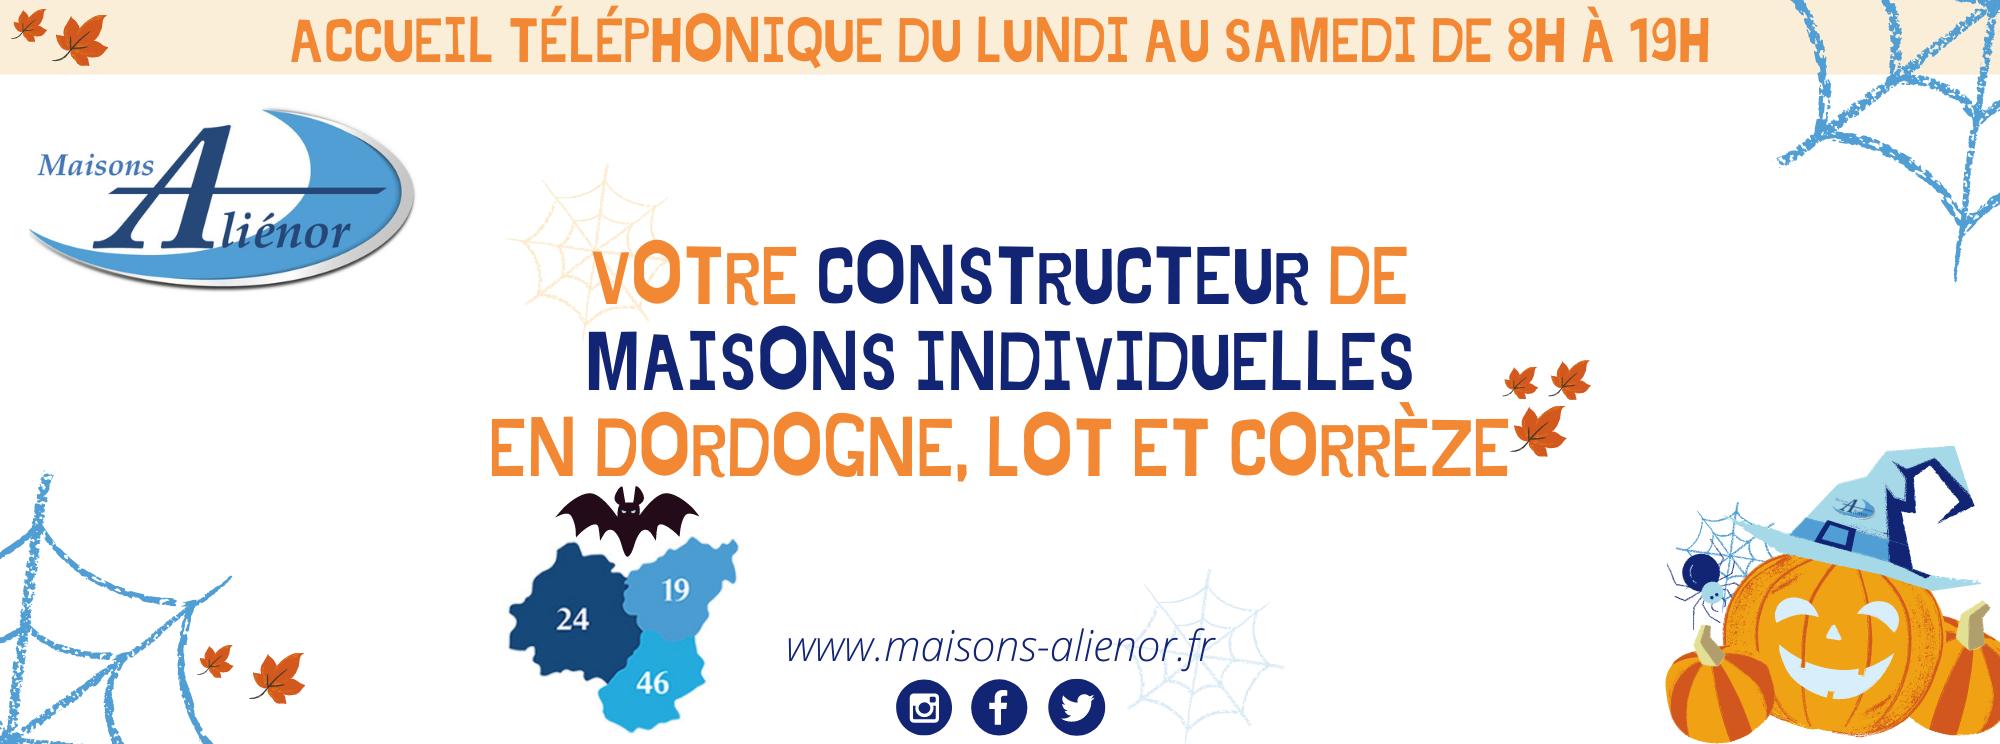 Site Web Bannière - mail Halloween-constructeur-de-maisons-individuelles-maisons-aliénor